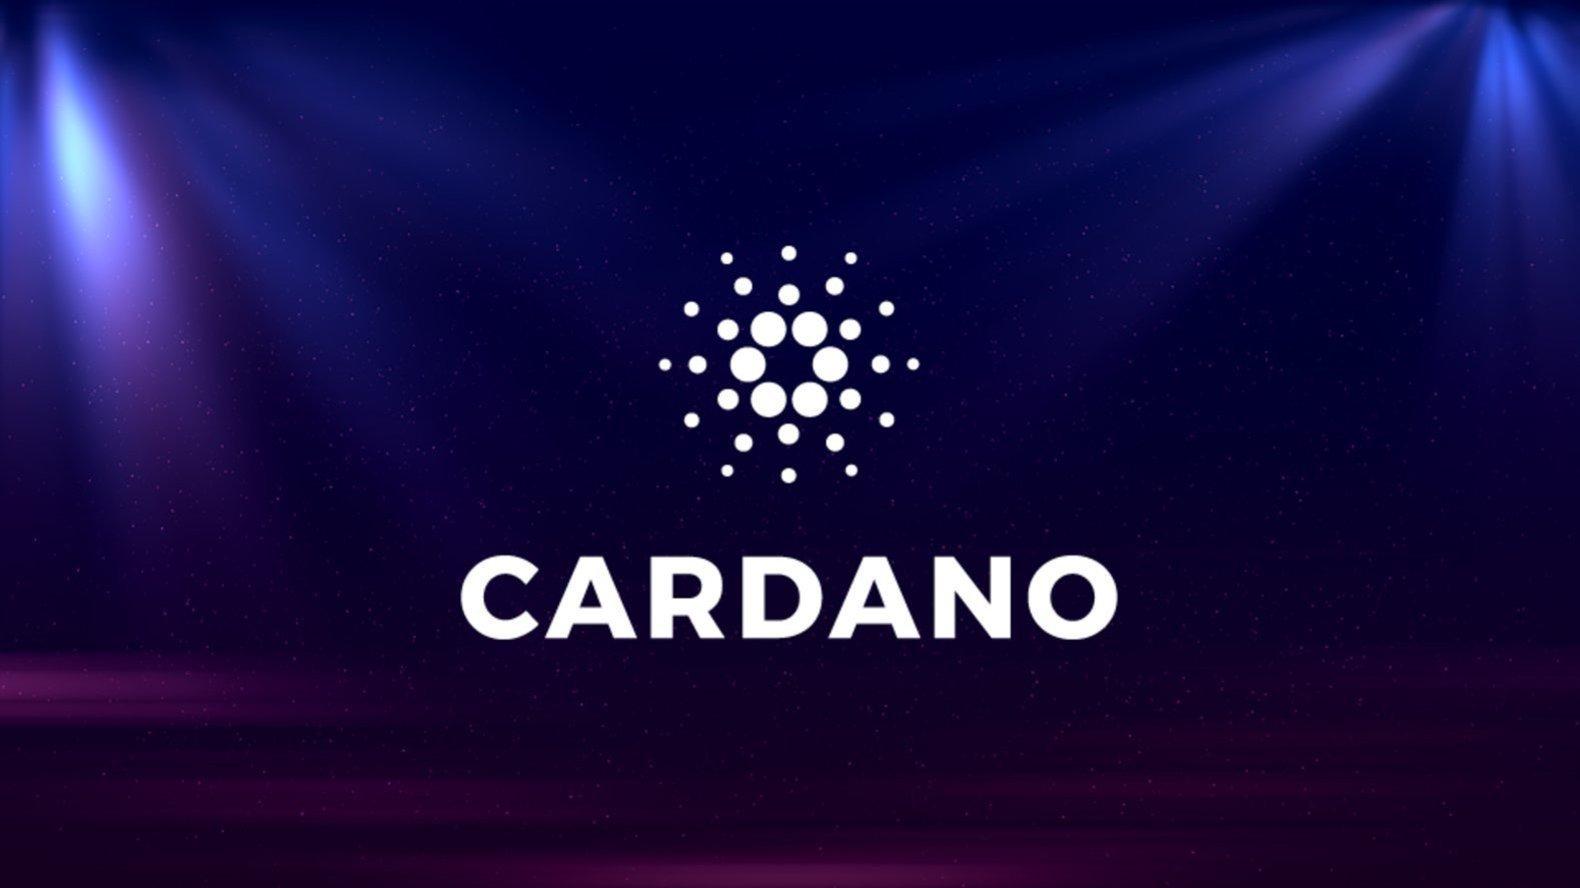 卡尔达诺首席执行官提供公司进入非洲市场的细分